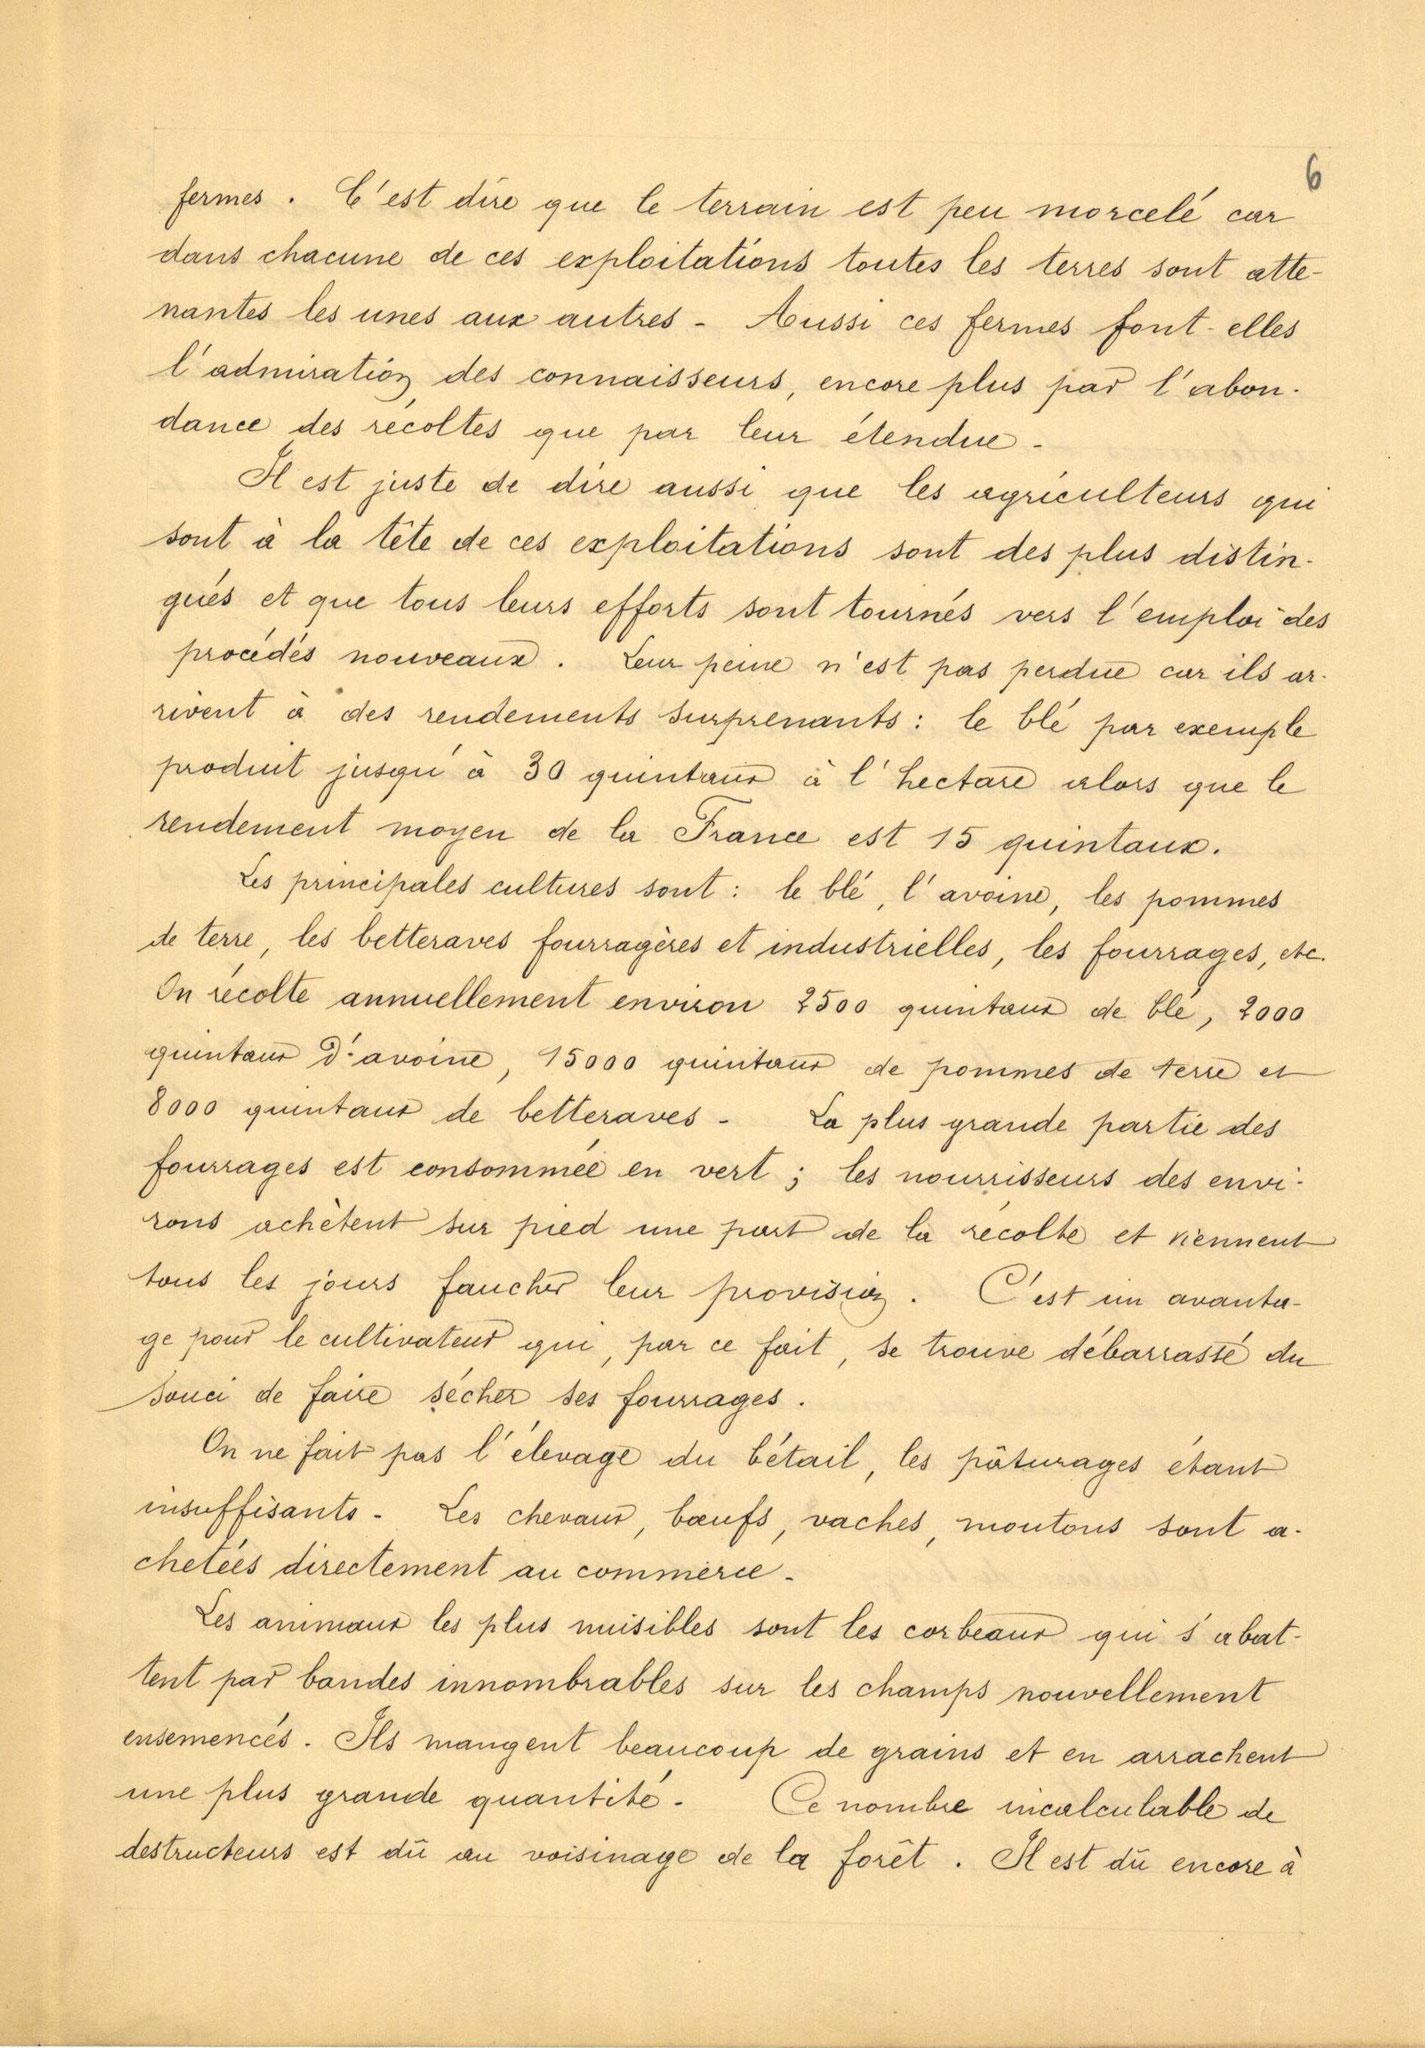 Page 6 - Monographie communale de l'instituteur de Vélizy, 1899